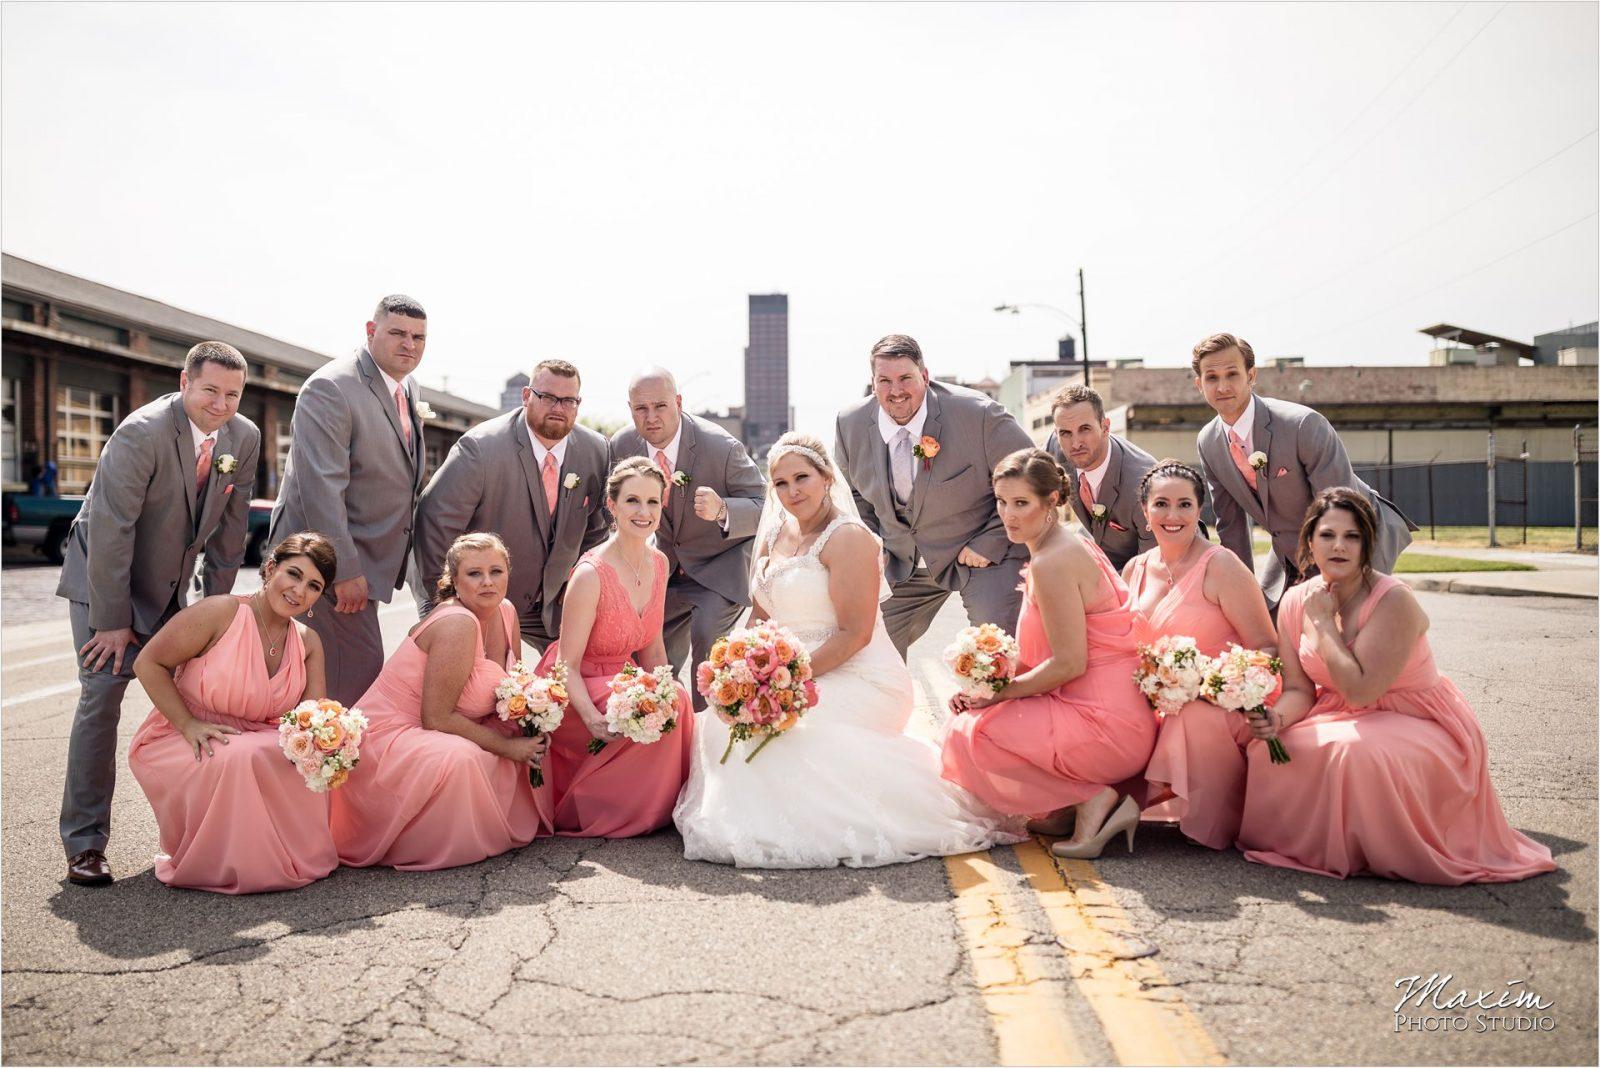 Top of the Market Dayton Ohio Wedding Downtown bridal party